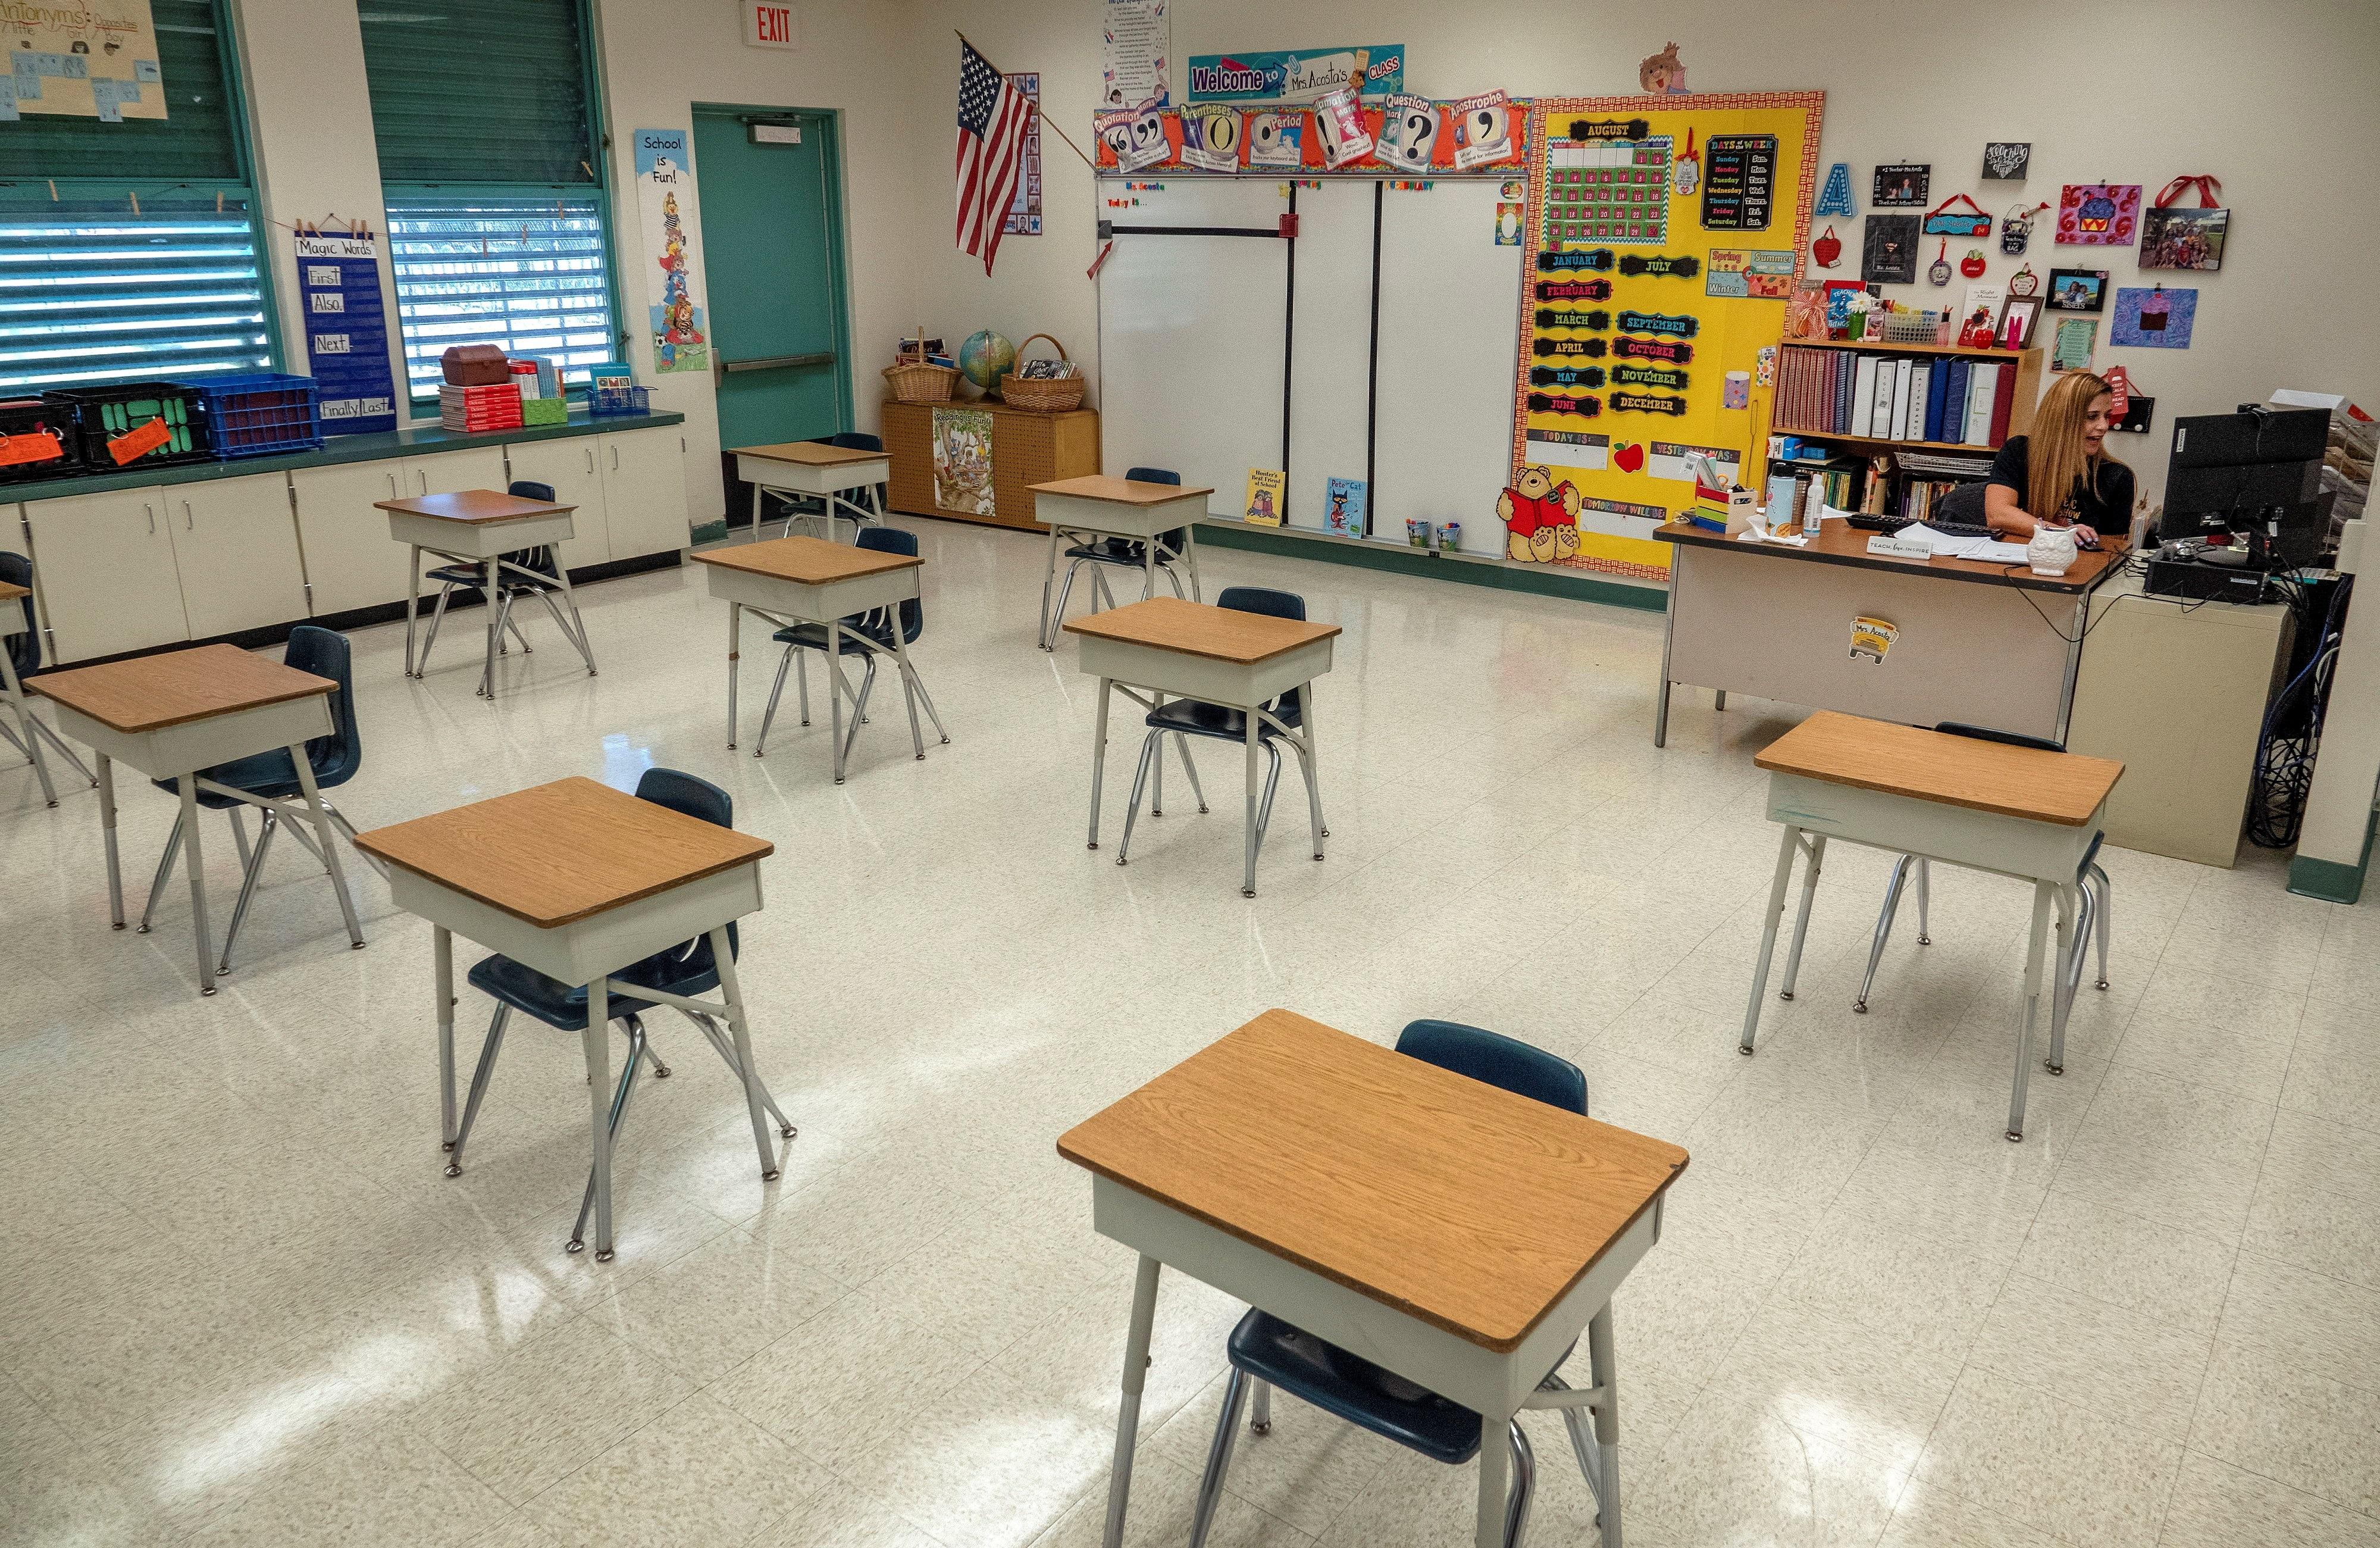 Más de 80 casos de COVID-19 en las escuelas de Miami-Dade